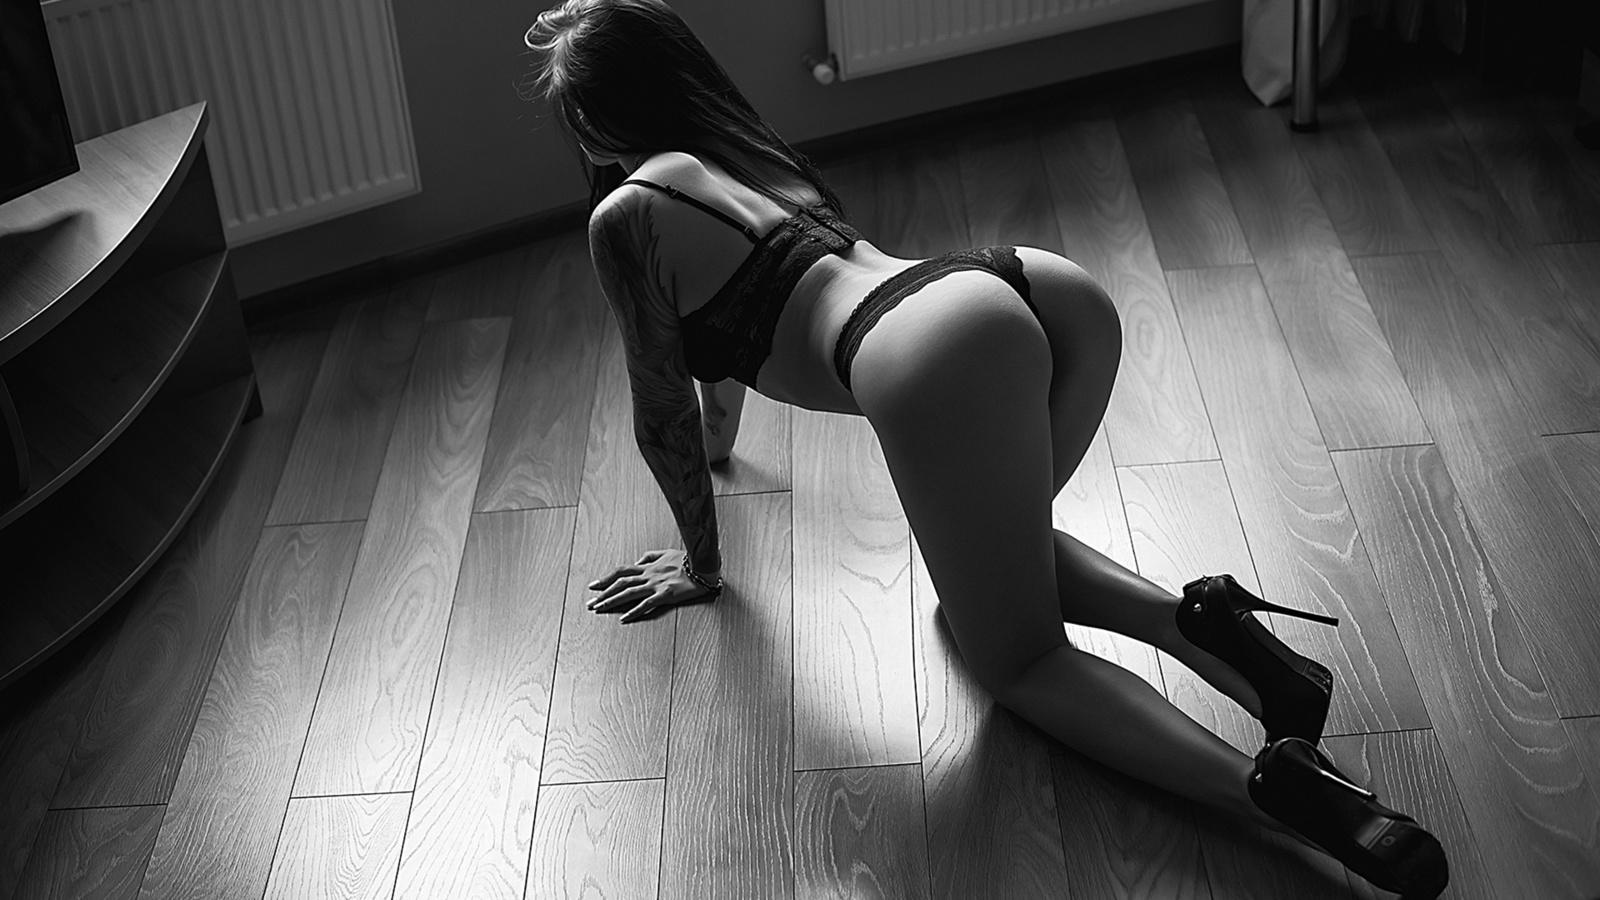 Фото сзади на четвереньках, Фото голых девушек на четвереньках частное порно 27 фотография